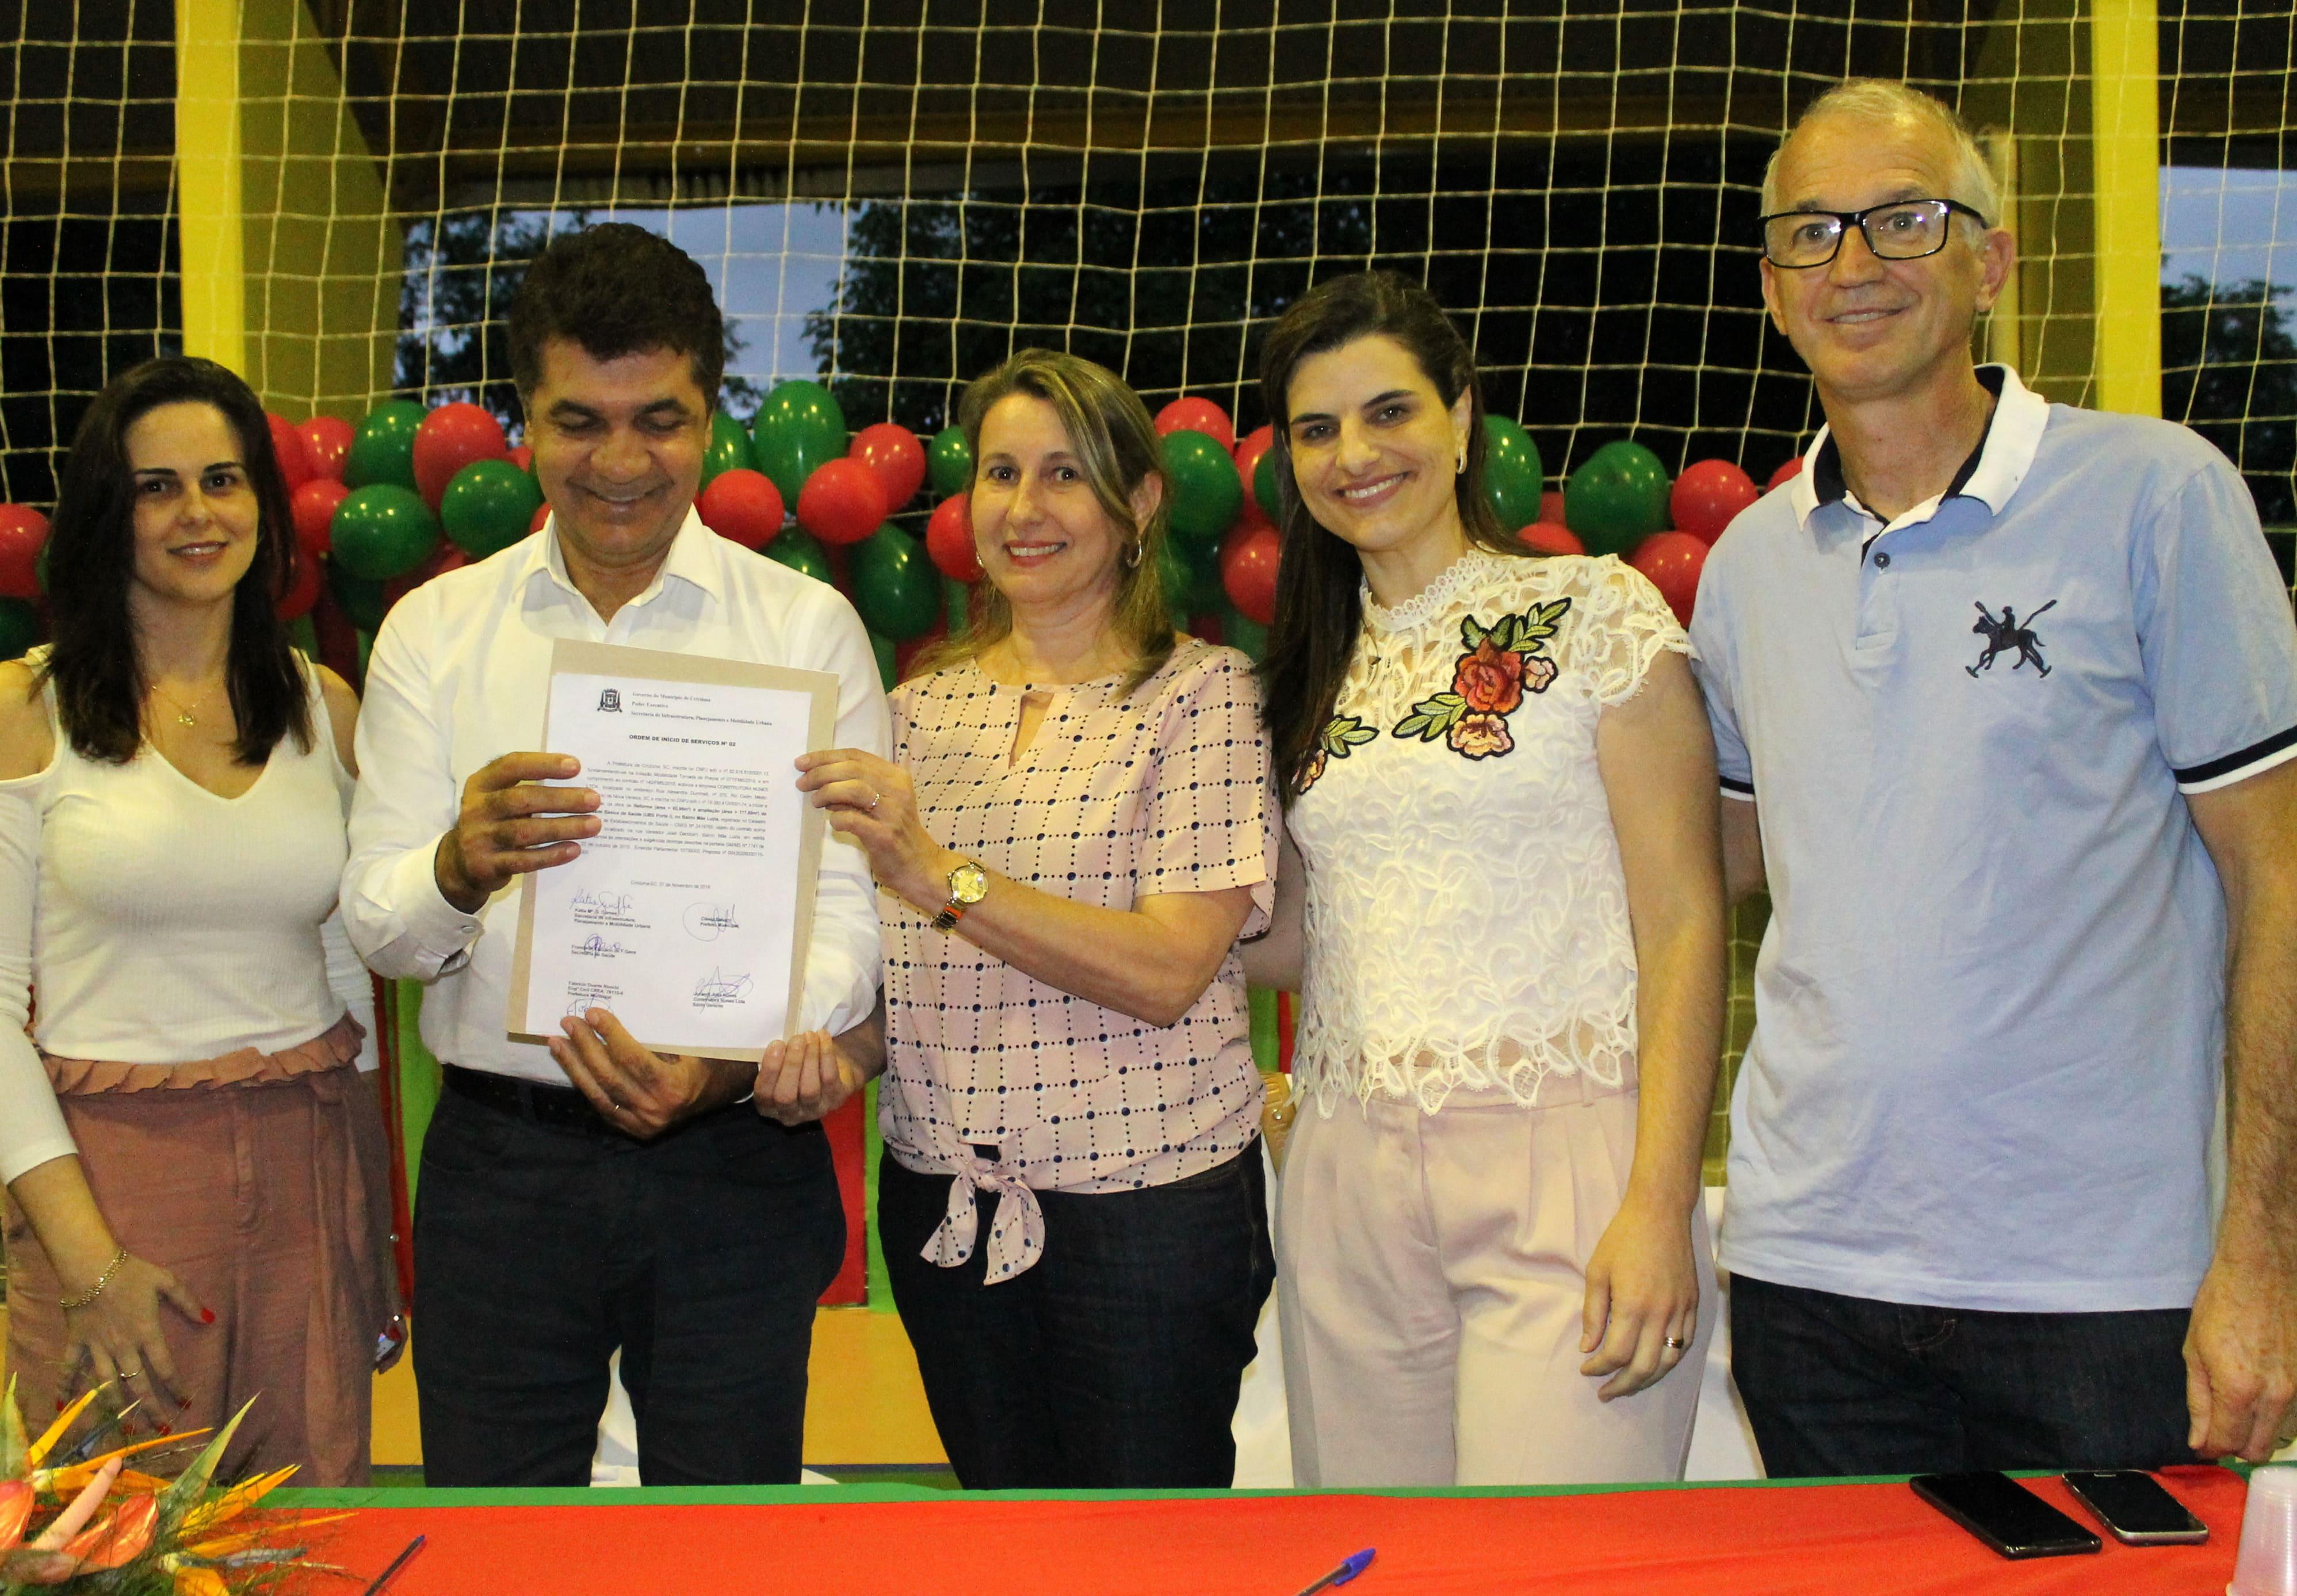 Prefeitura Municipal de Criciúma - Salvaro assina ordem de serviço autorizando início da reforma e ampliação da UBS Mãe Luzia